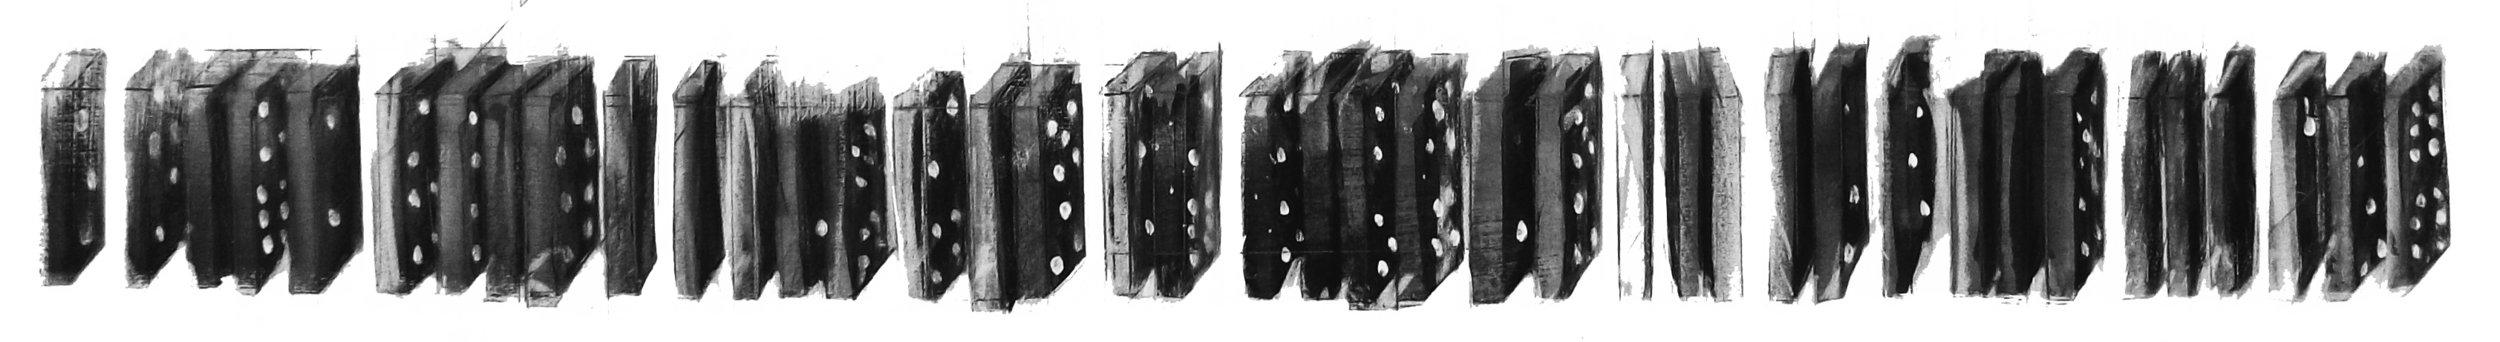 domino strip 2.jpg